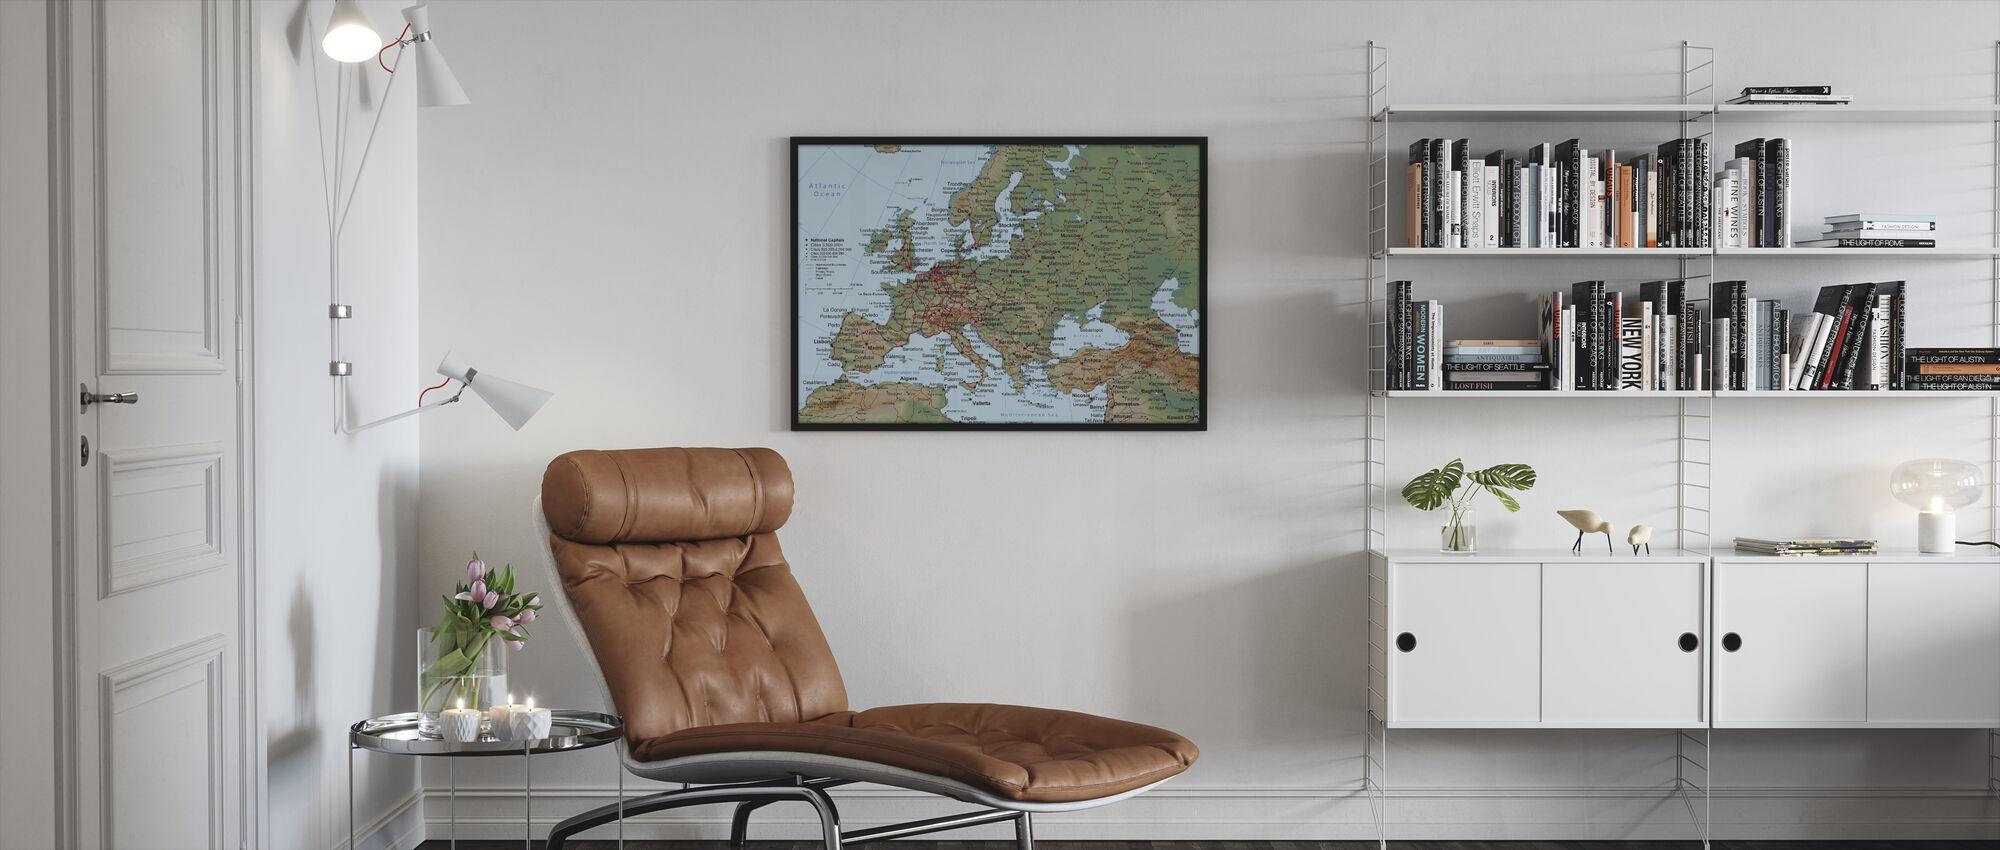 Mappa Europa - Stampa incorniciata - Salotto